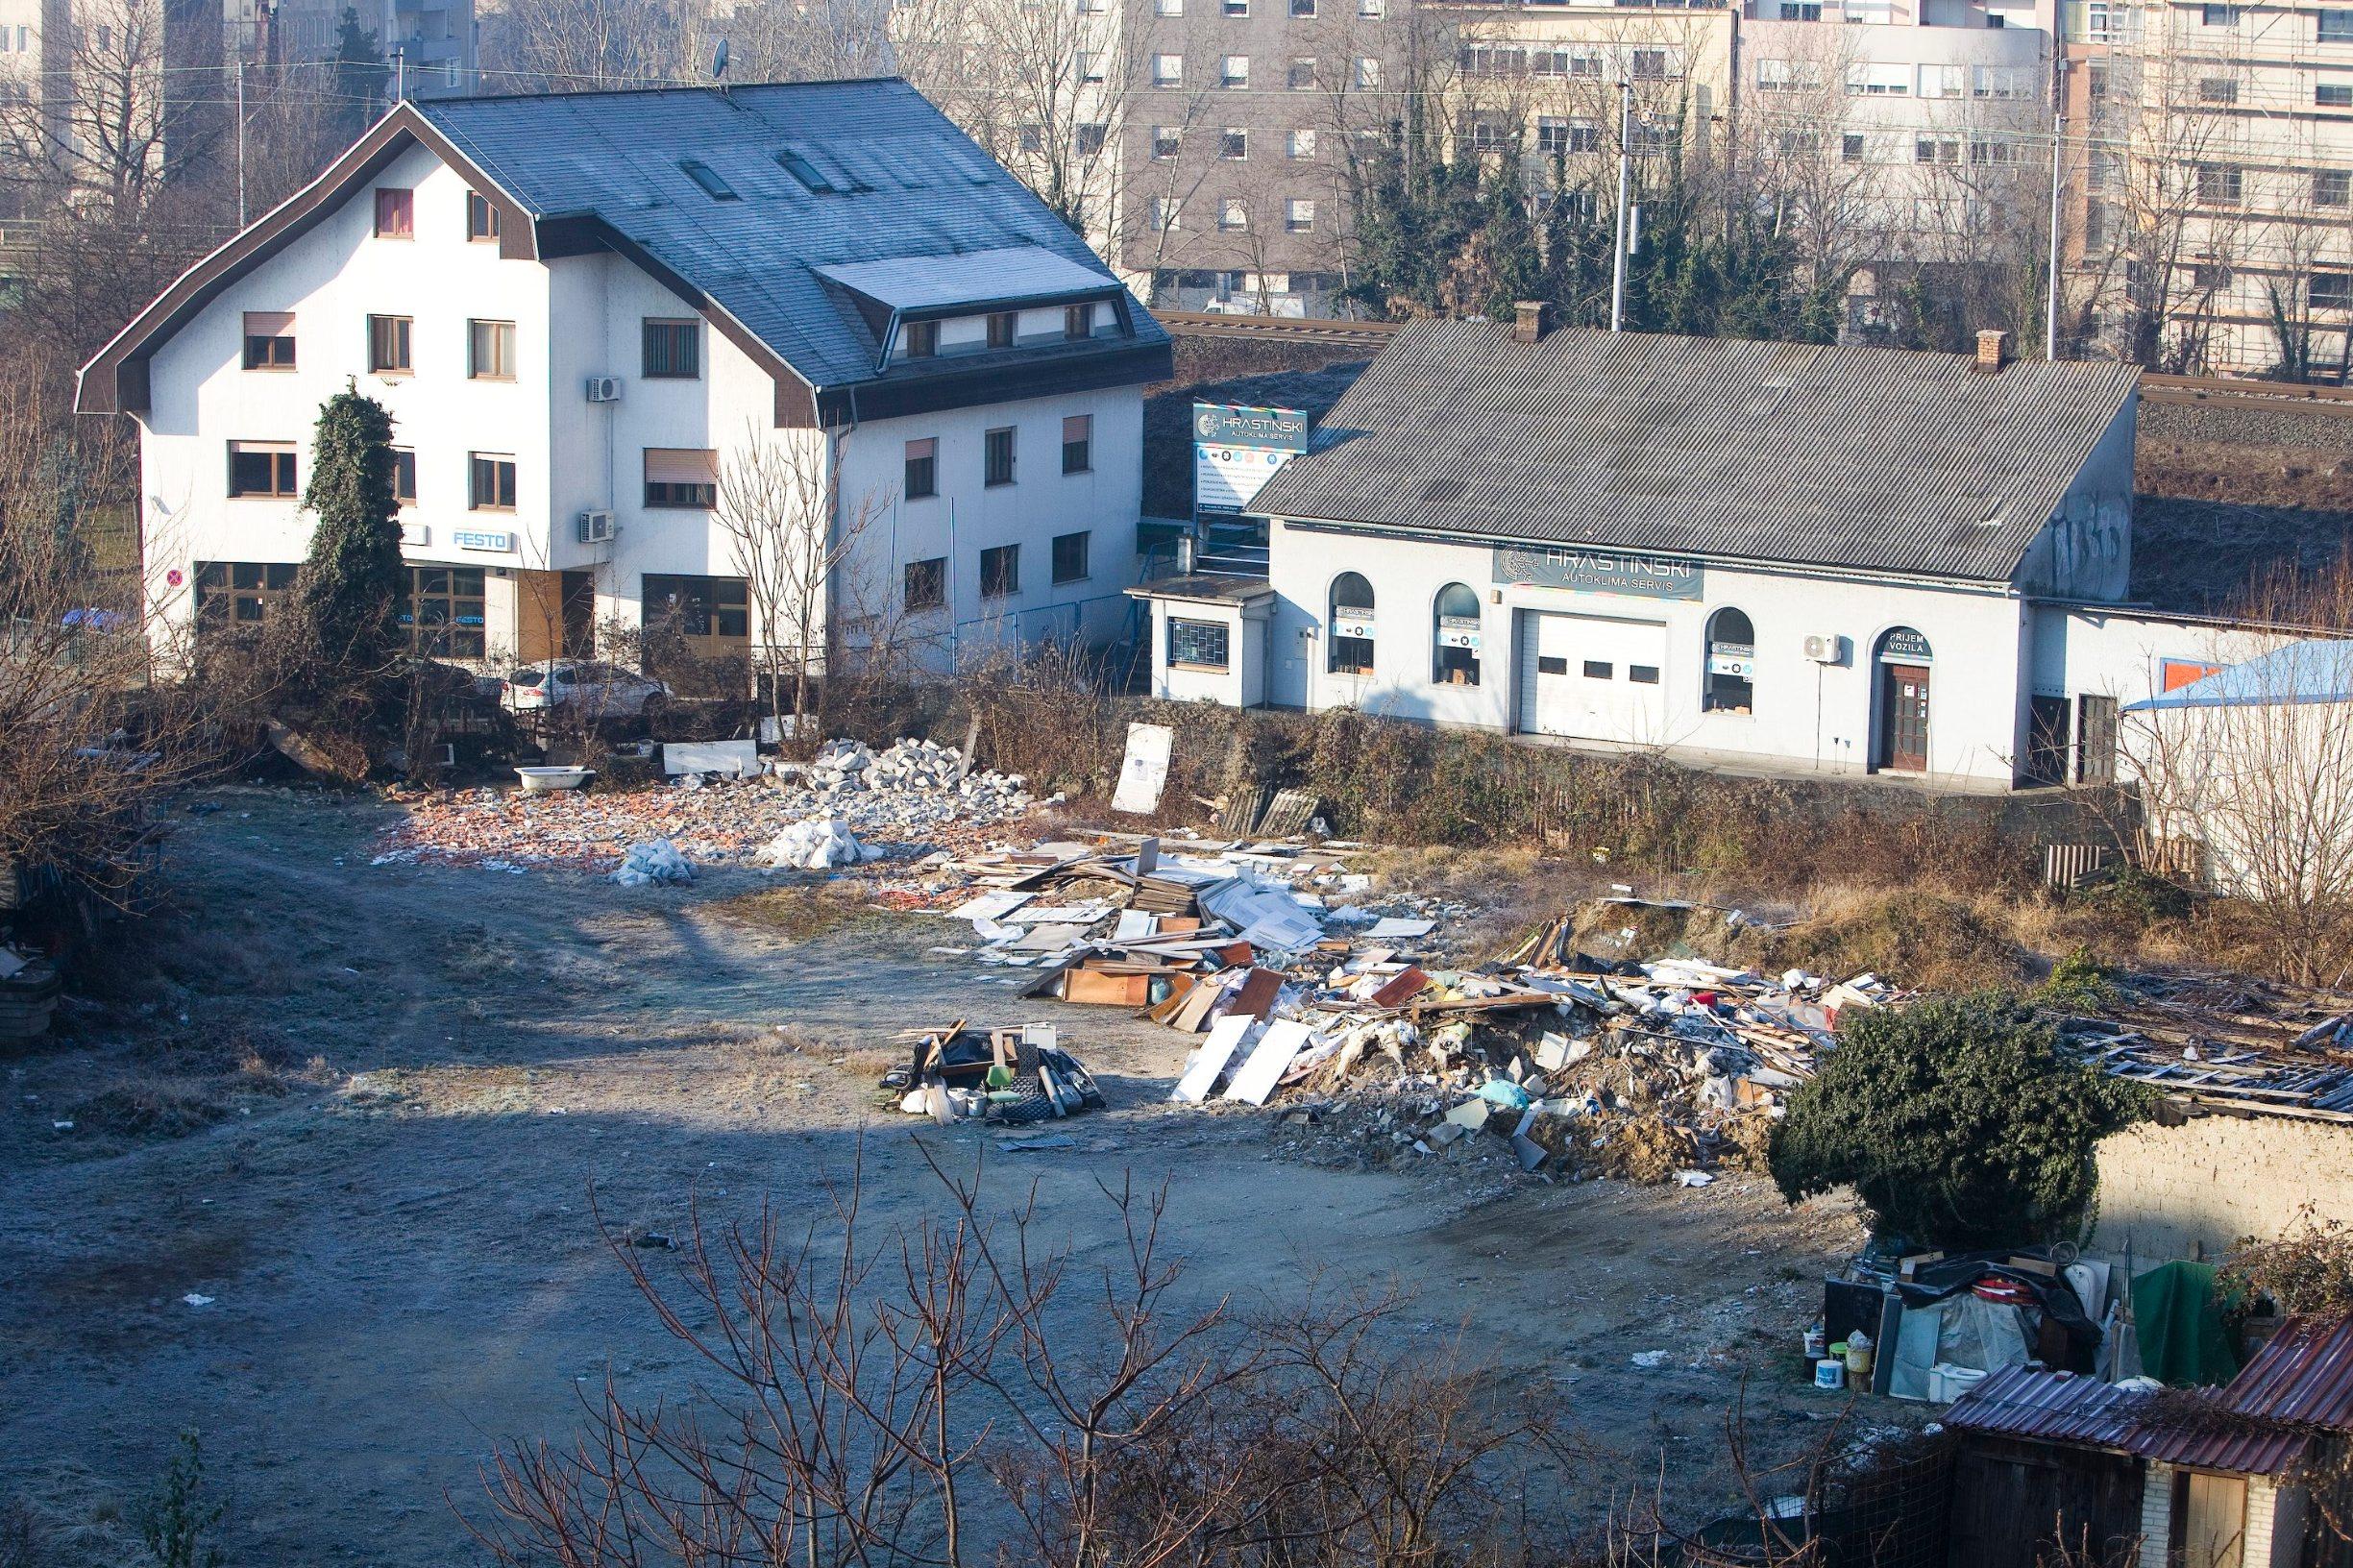 Zagreb, 030120. Raskrizje Savska - Nova cesta. Parcela na uglu Nove ceste i Savske gdje ce se uskoro graditi hotel s 4 zvjezdice i 14 katova. Foto: Zeljko Puhovski / CROPIX